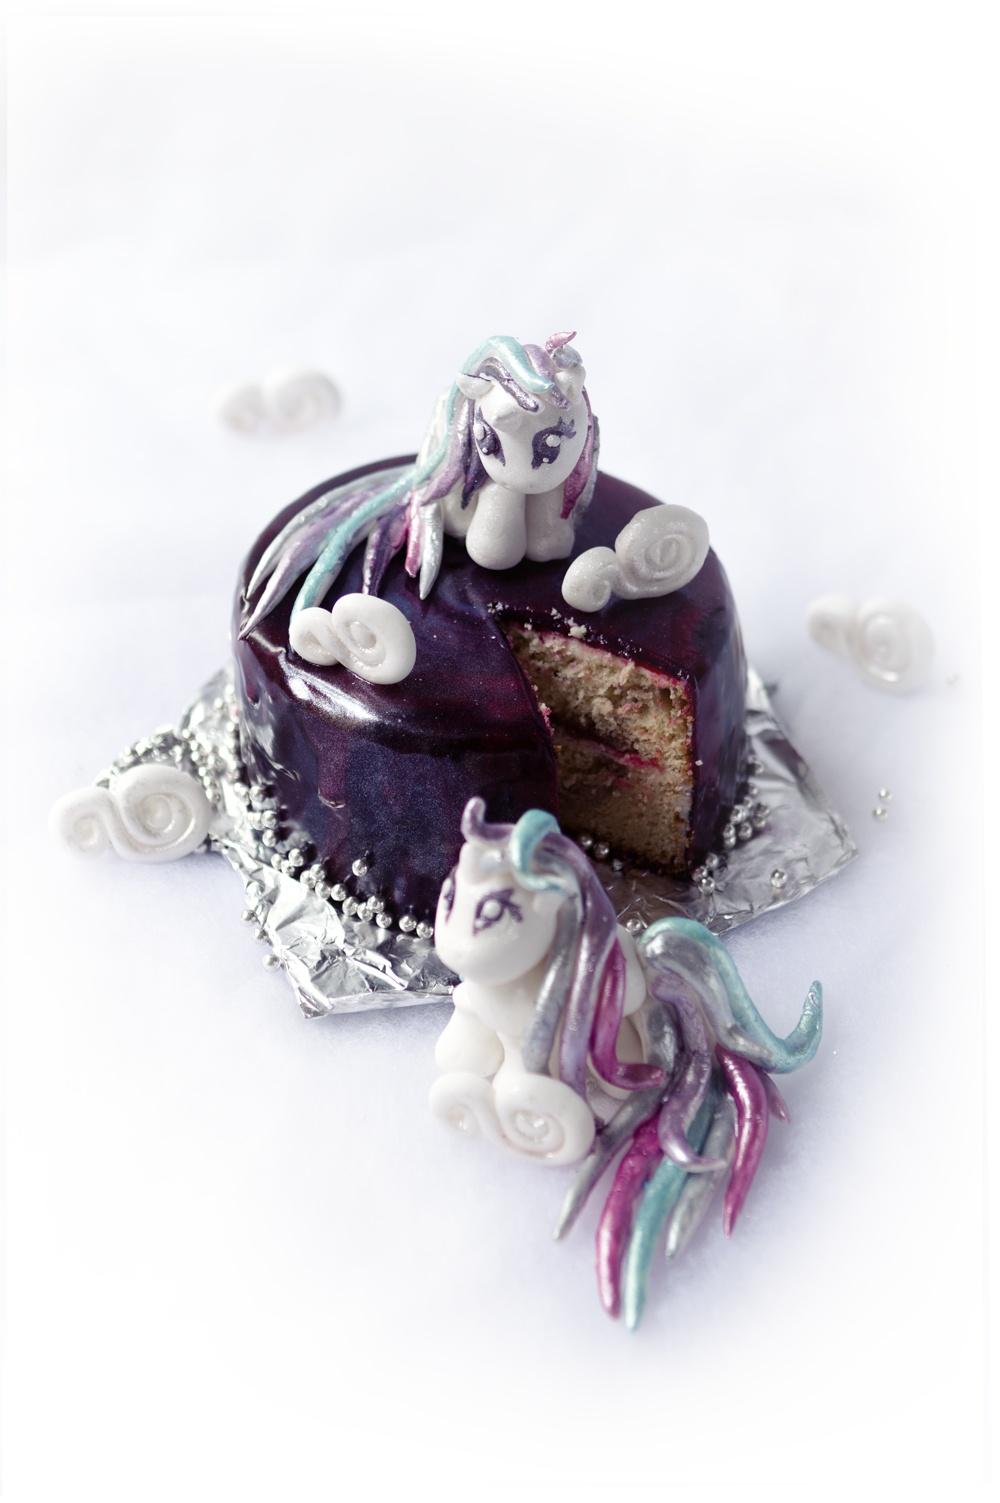 My Little Pony Cake 1 - Gâteau mon Petit Poney - Studio de création  - Qui a vole les tartes